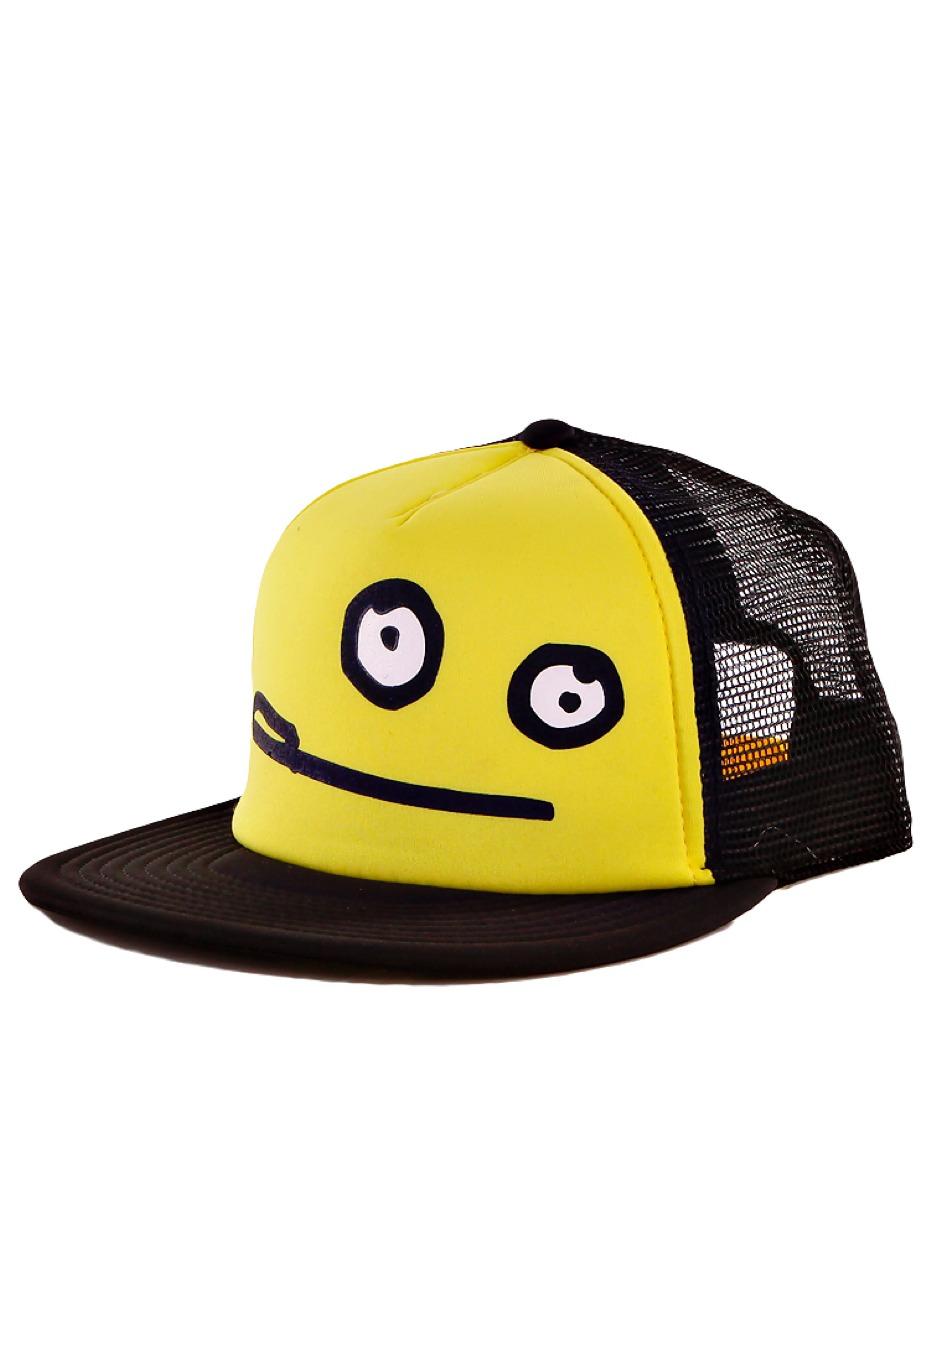 02712cb2346 Cleptomanicx - Smile Zitrone Black Yellow - Trucker Cap - Impericon.com AU